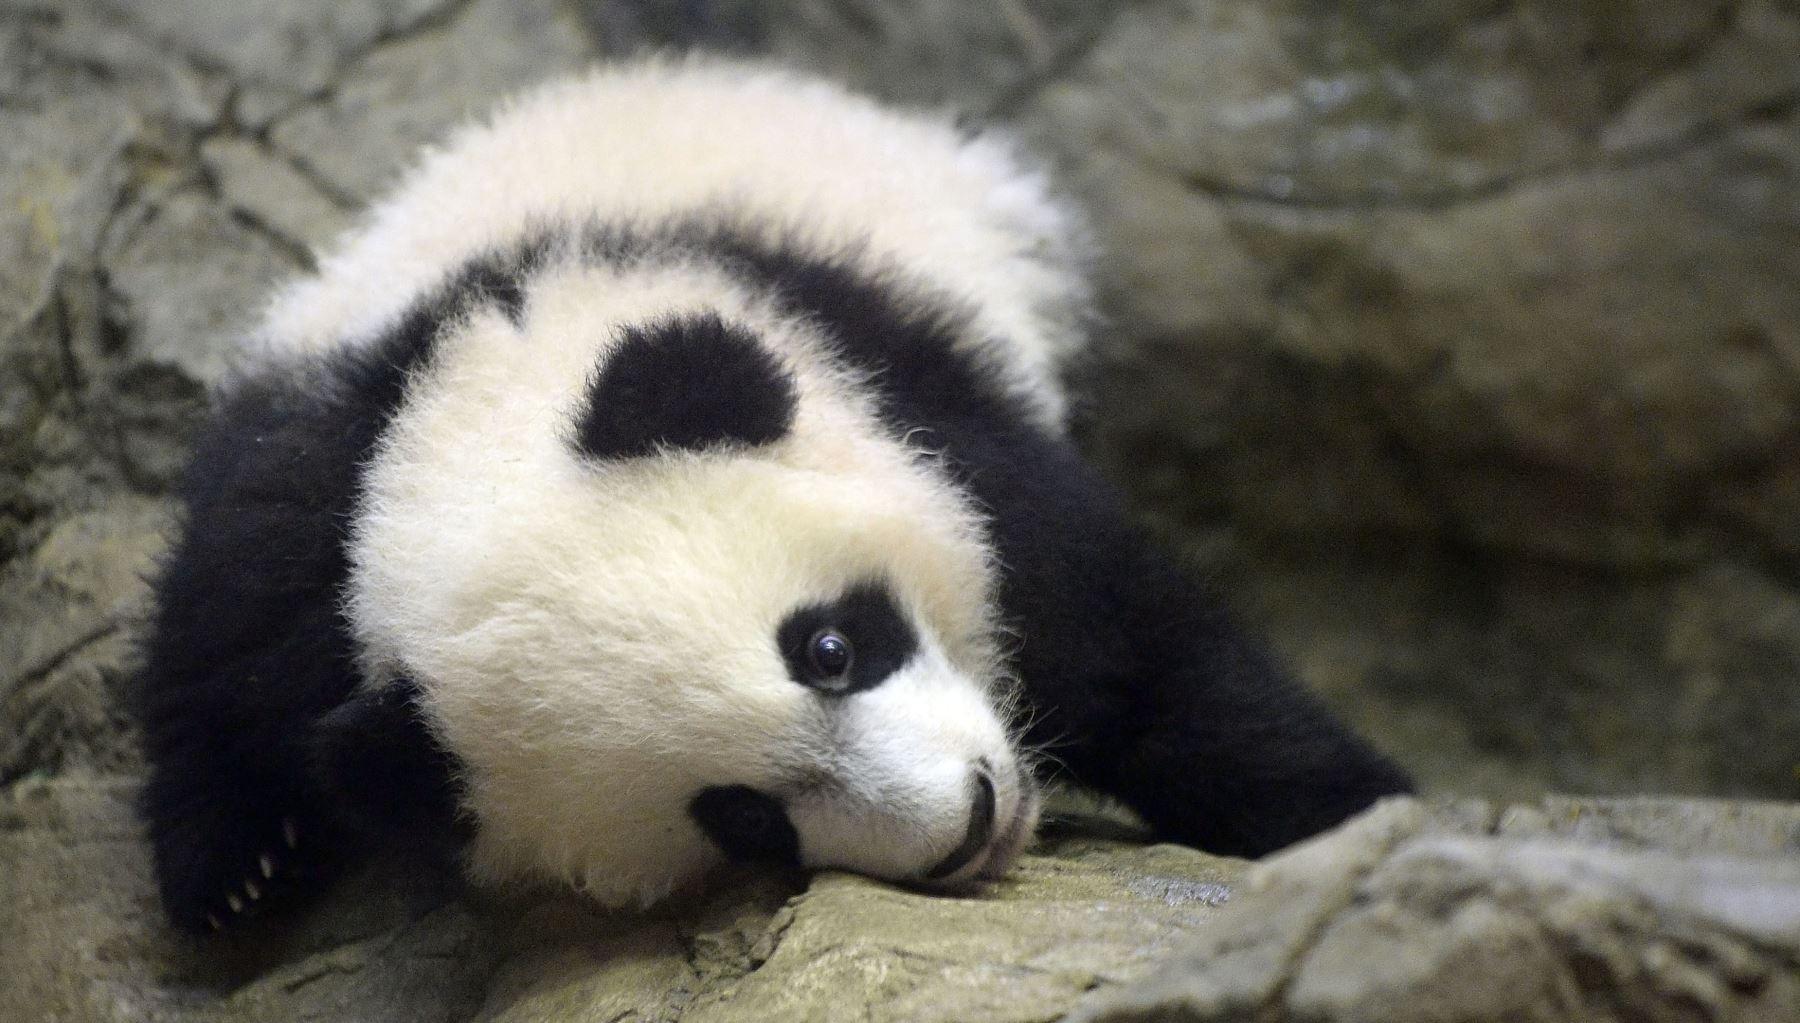 """Fue visitado por las primeras damas de China, Peng Liyuan, y Estados Unidos, Michelle Obama, quienes revelaron en esa ocasión su nombre: Bei Bei que en mandarín significa """"precioso"""". Foto: AFP"""